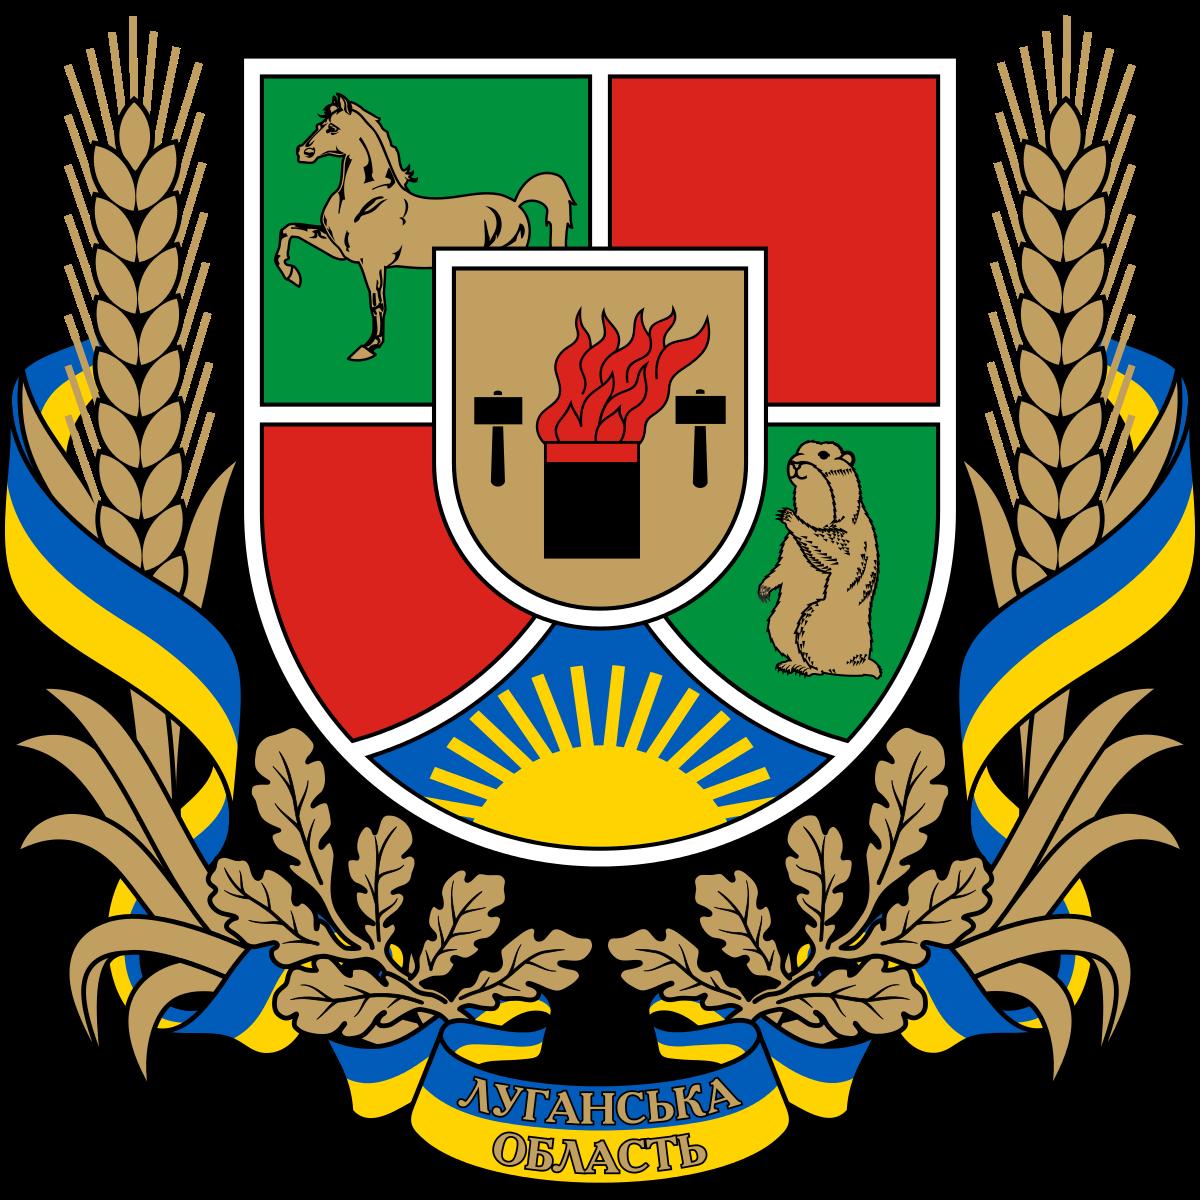 Луганська обласна державна адміністрація